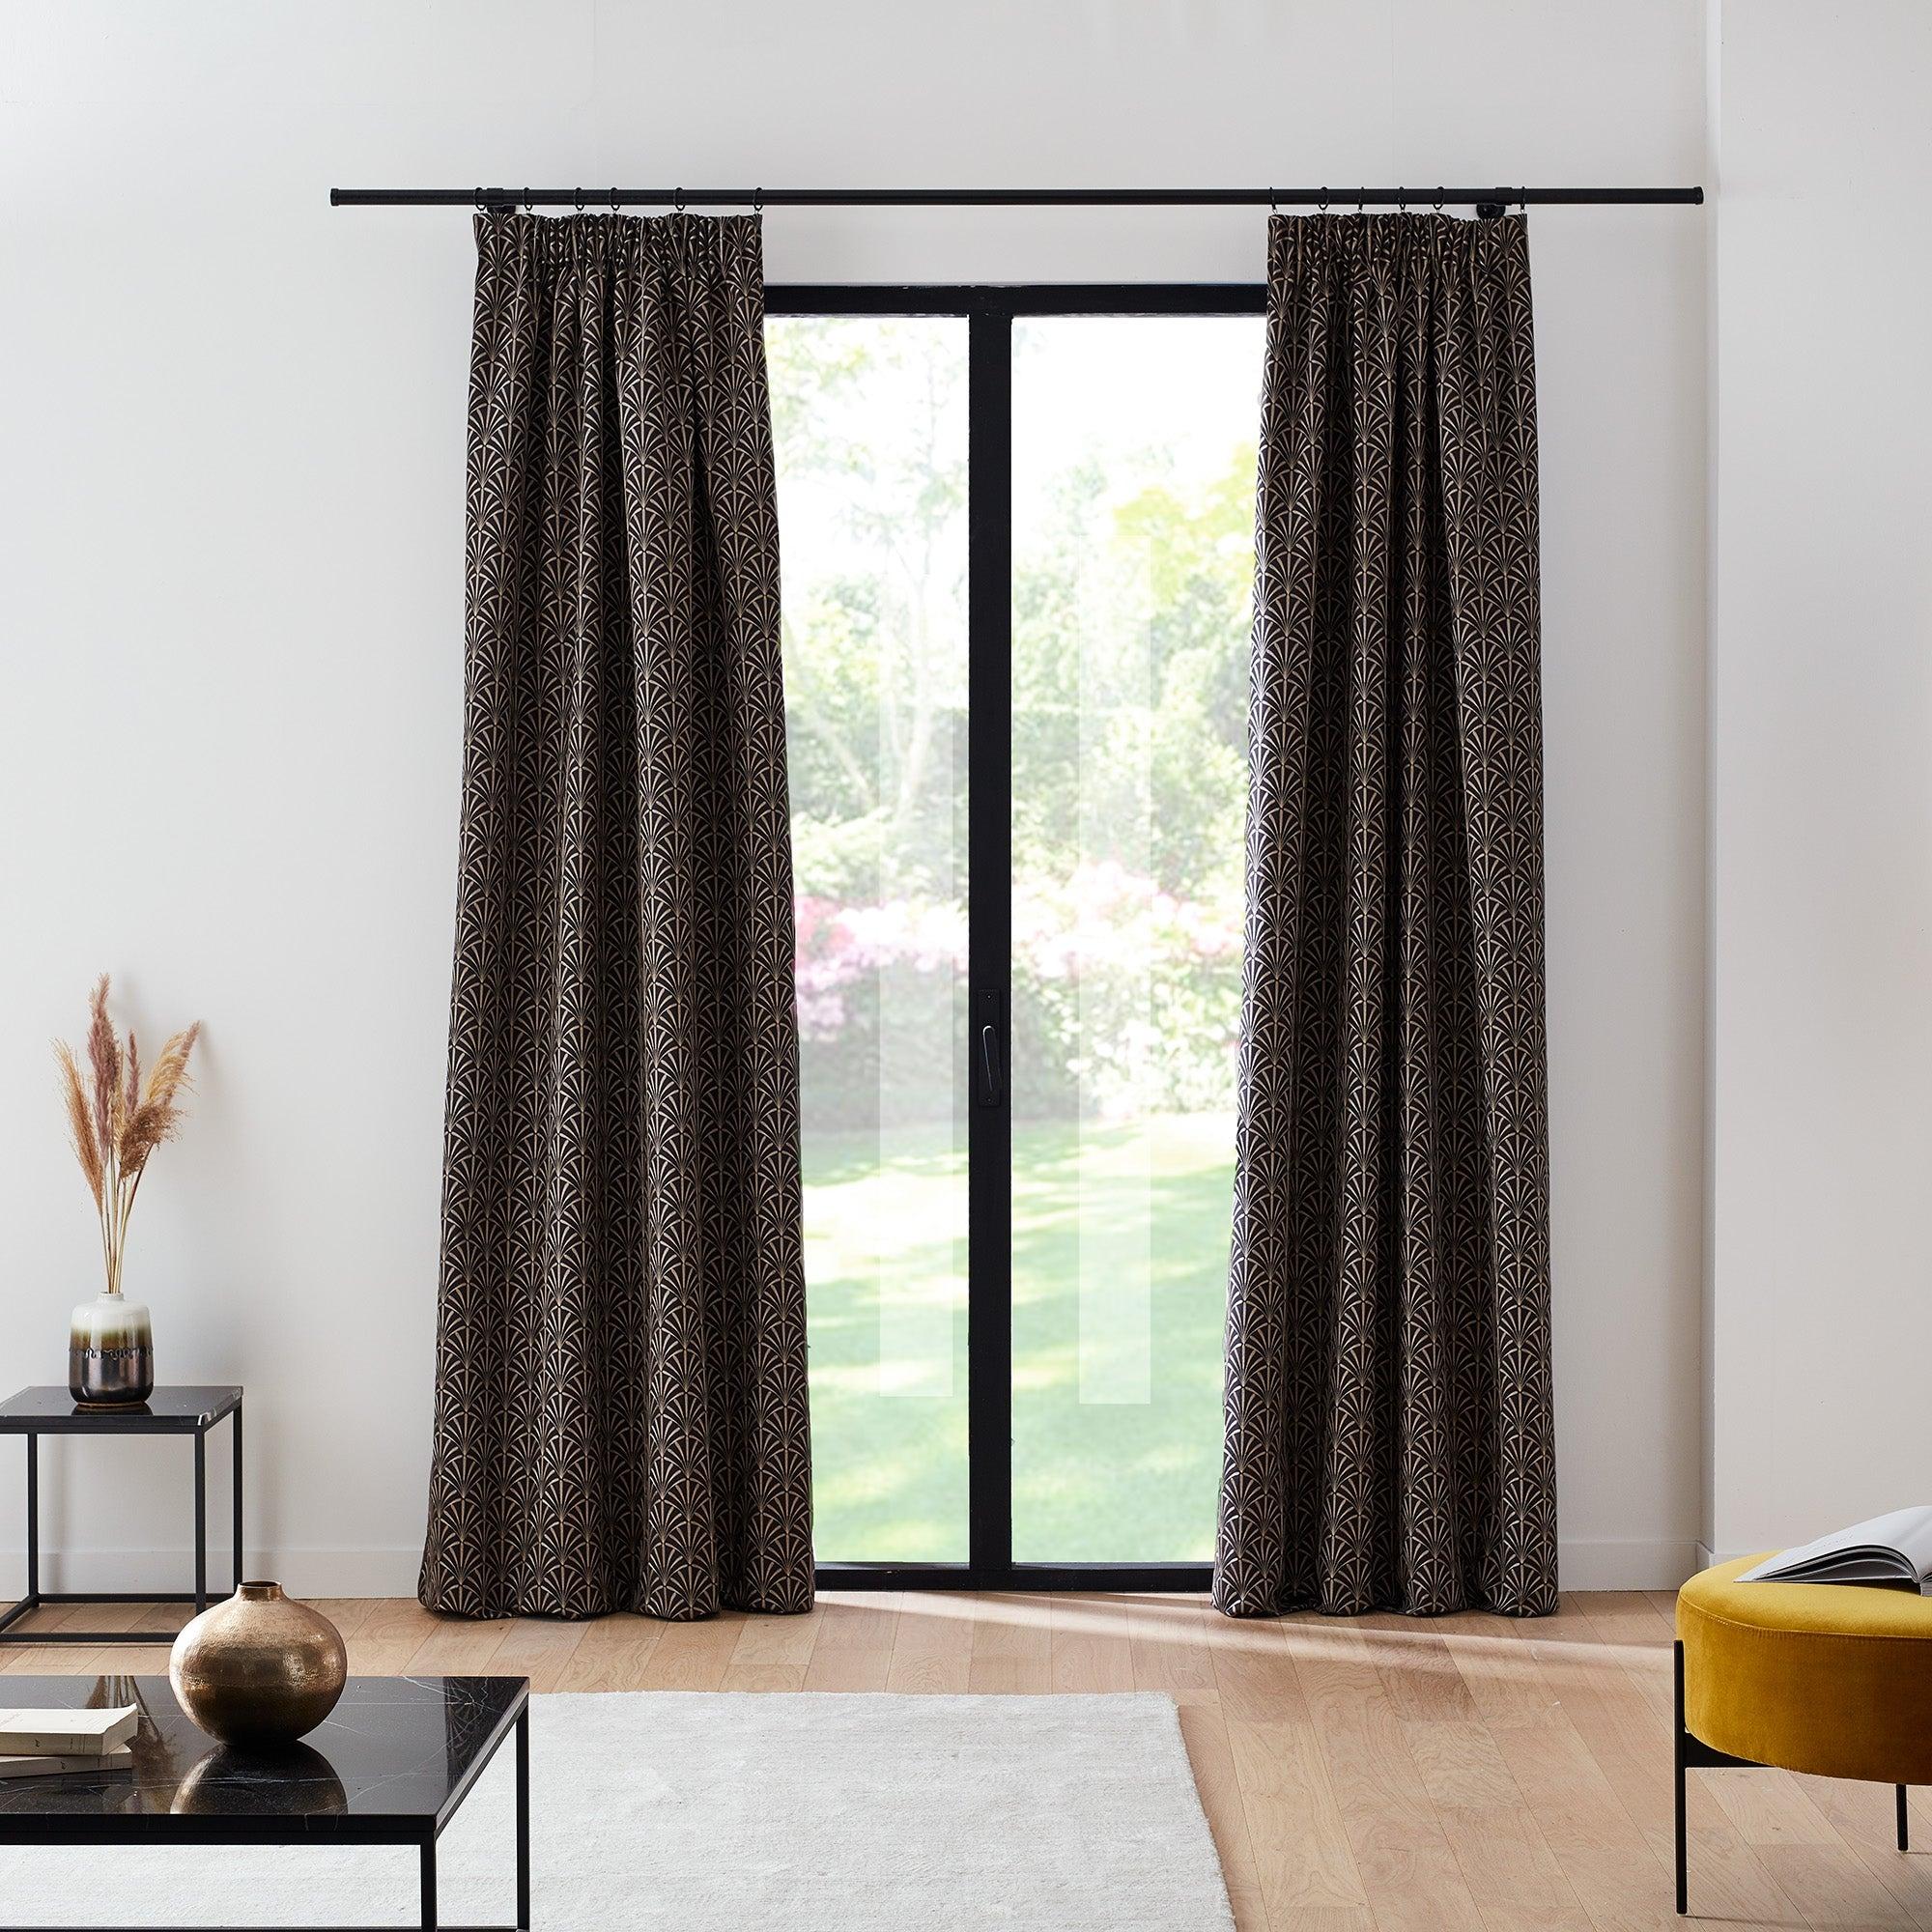 Rideau à ruban fronceur doublé 134x350 cm Noir et argent